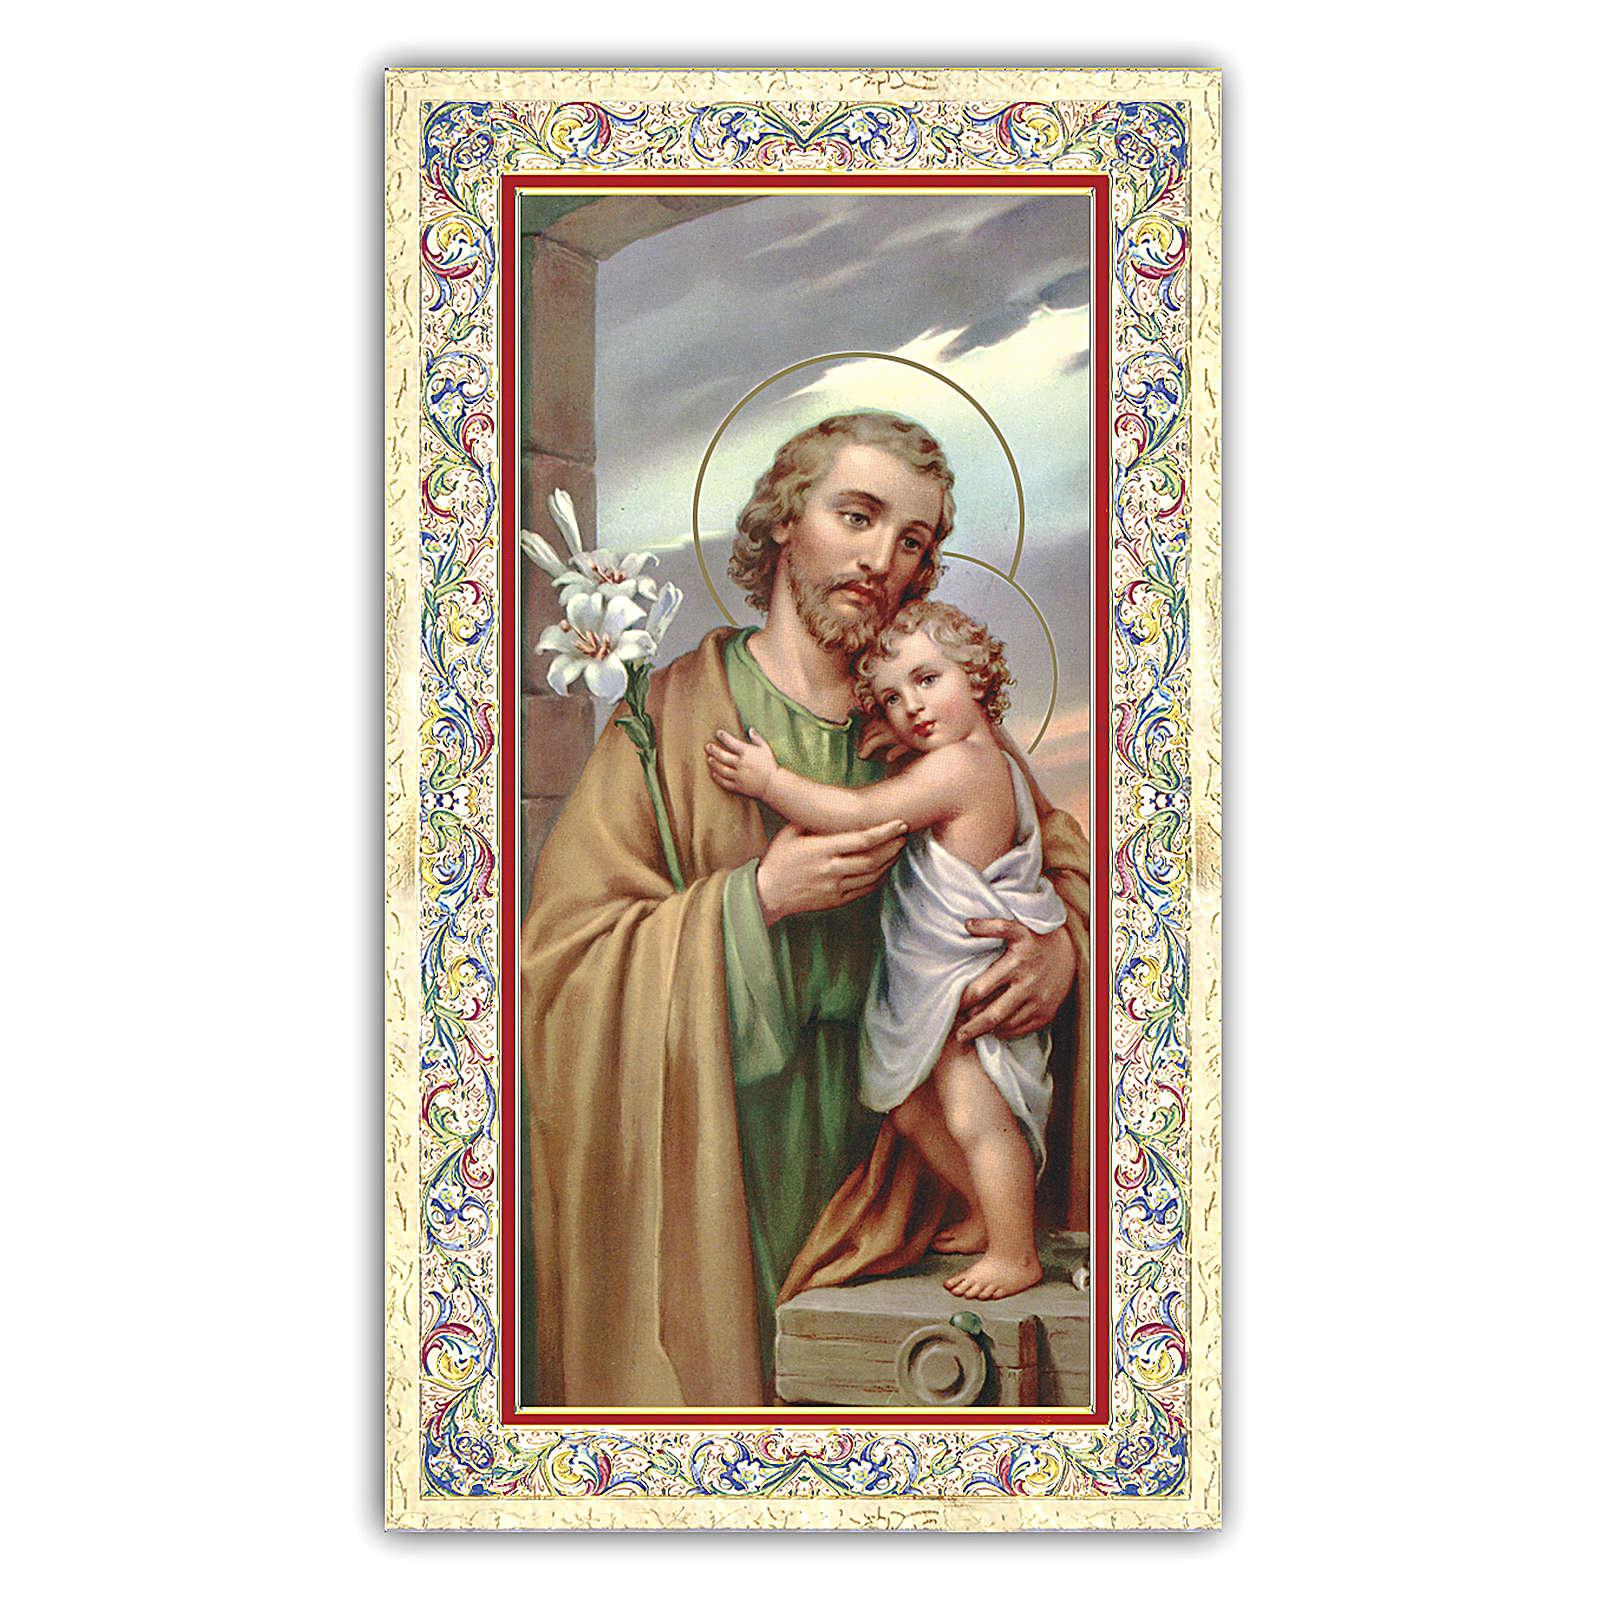 Obrazek Święty Józef obejmujący Dzieciątko Jezus 10x5 cm 4